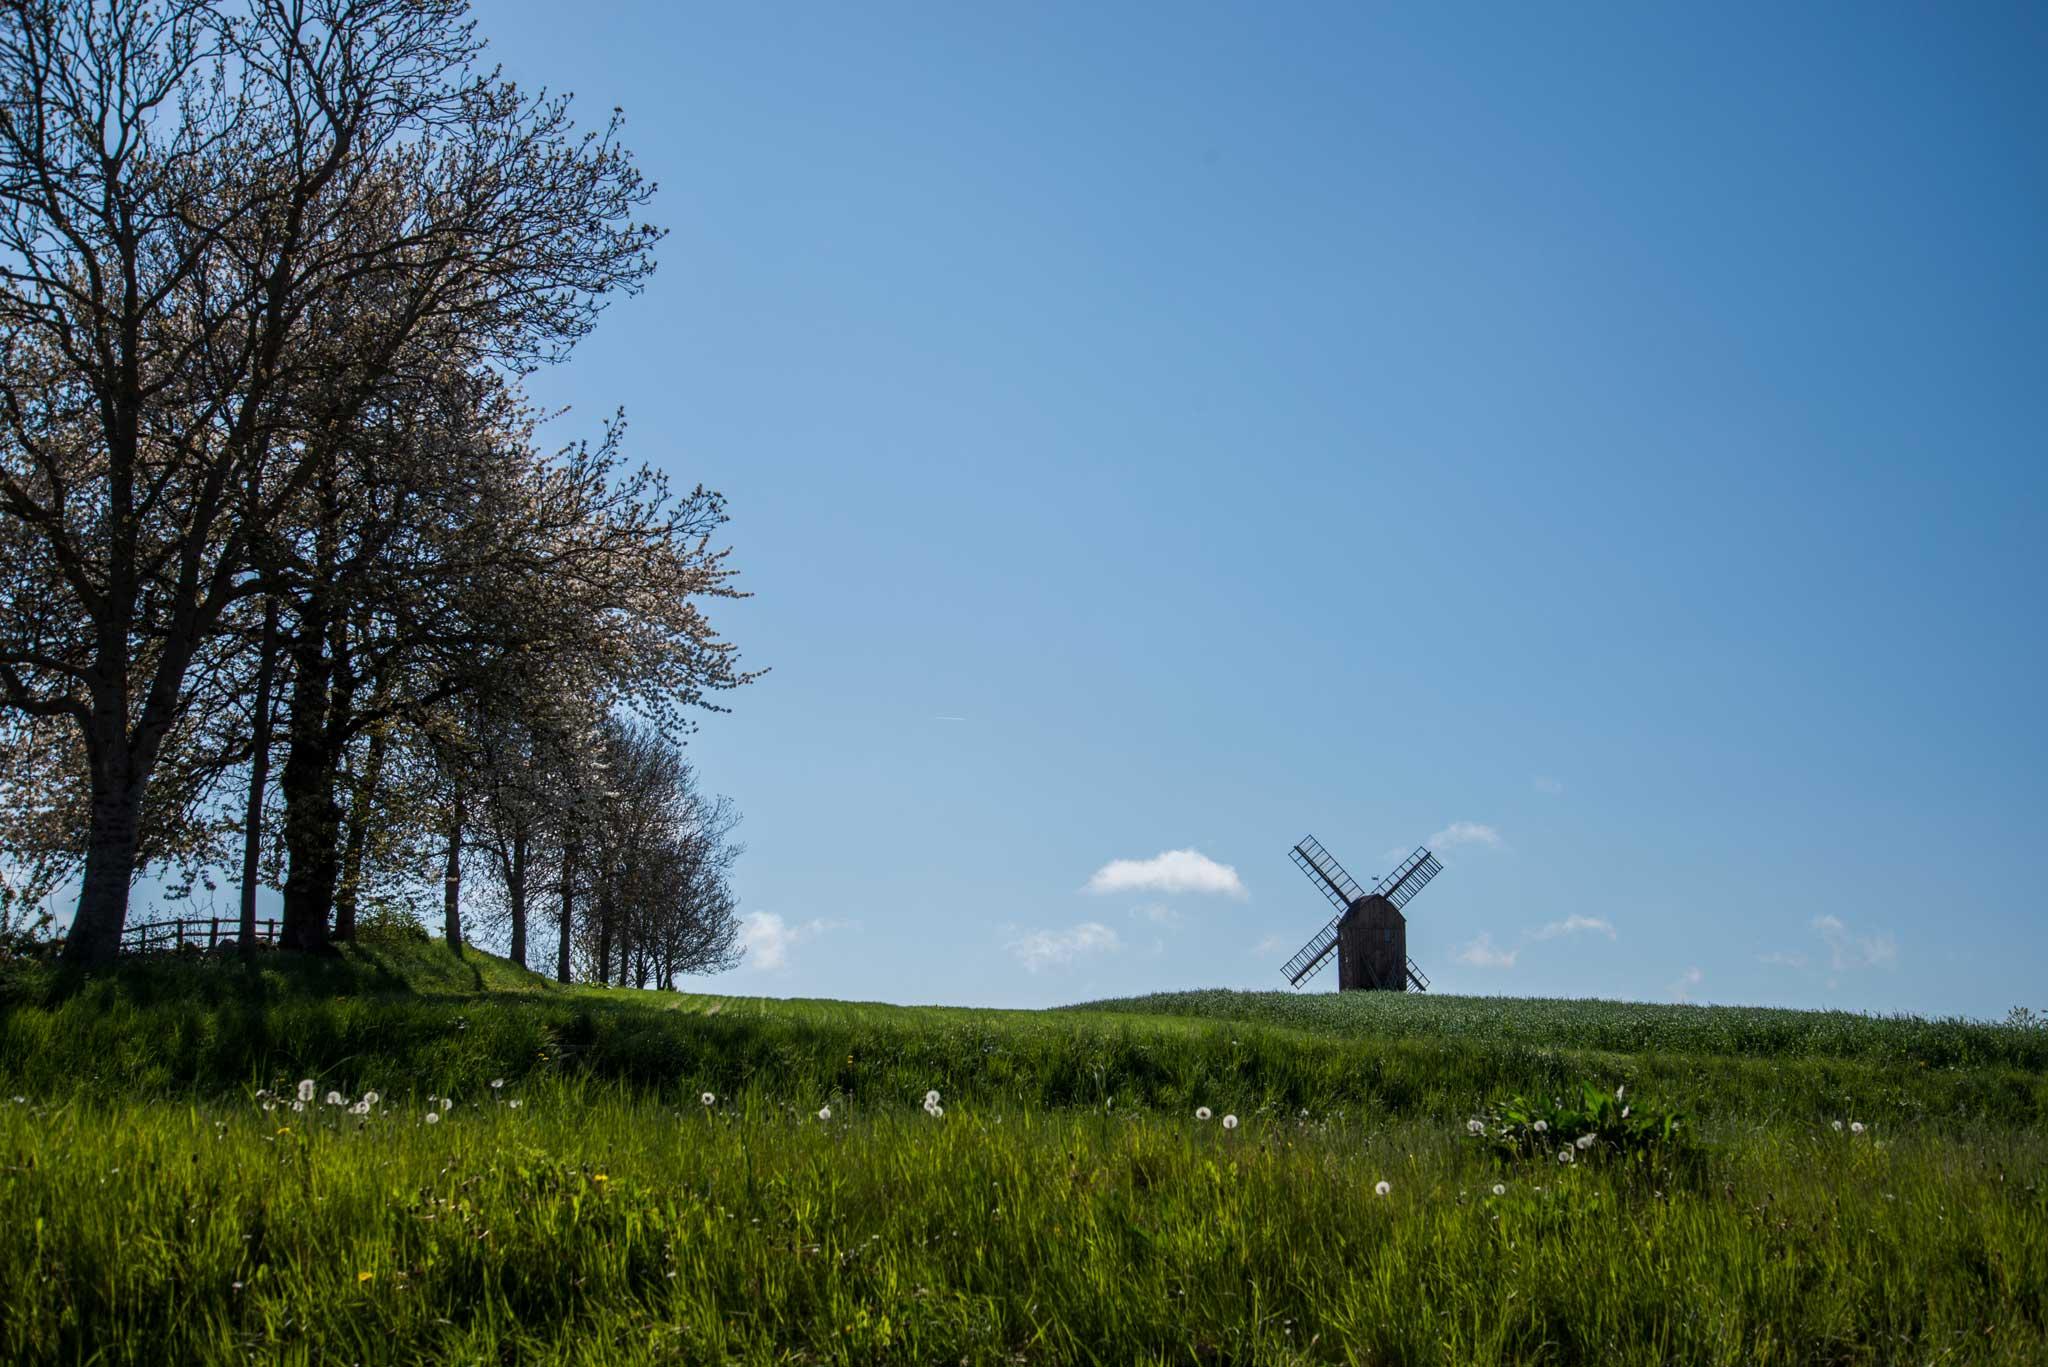 Vindmøller er et vanlig syn på Bornholm.